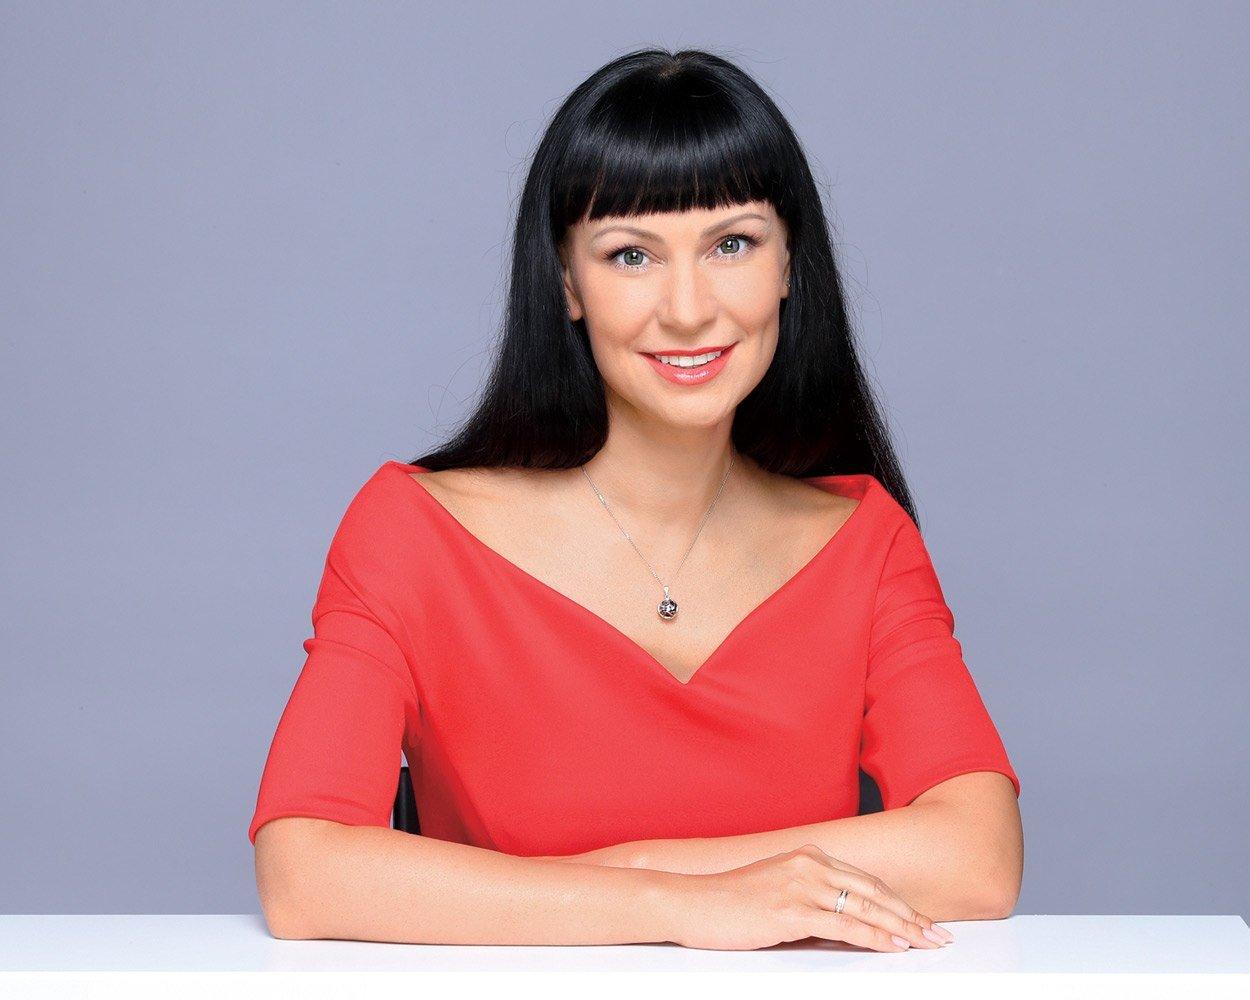 Нонна Гришаева трогательно поздравила маму с днем рождения